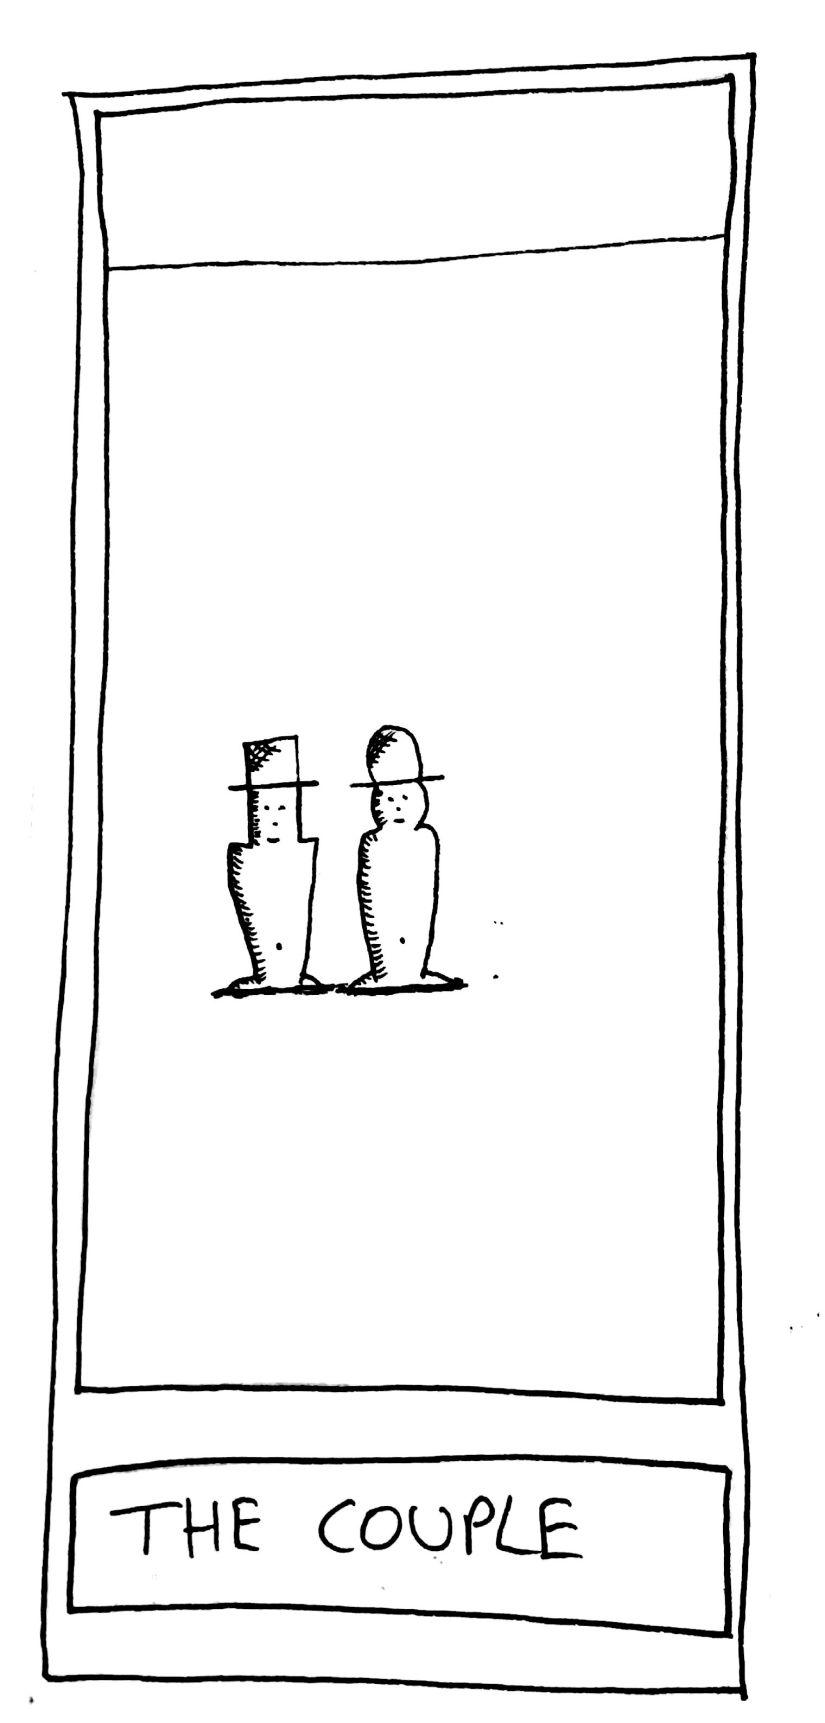 The Mislaid Deck: Card  40 – TheCouple.